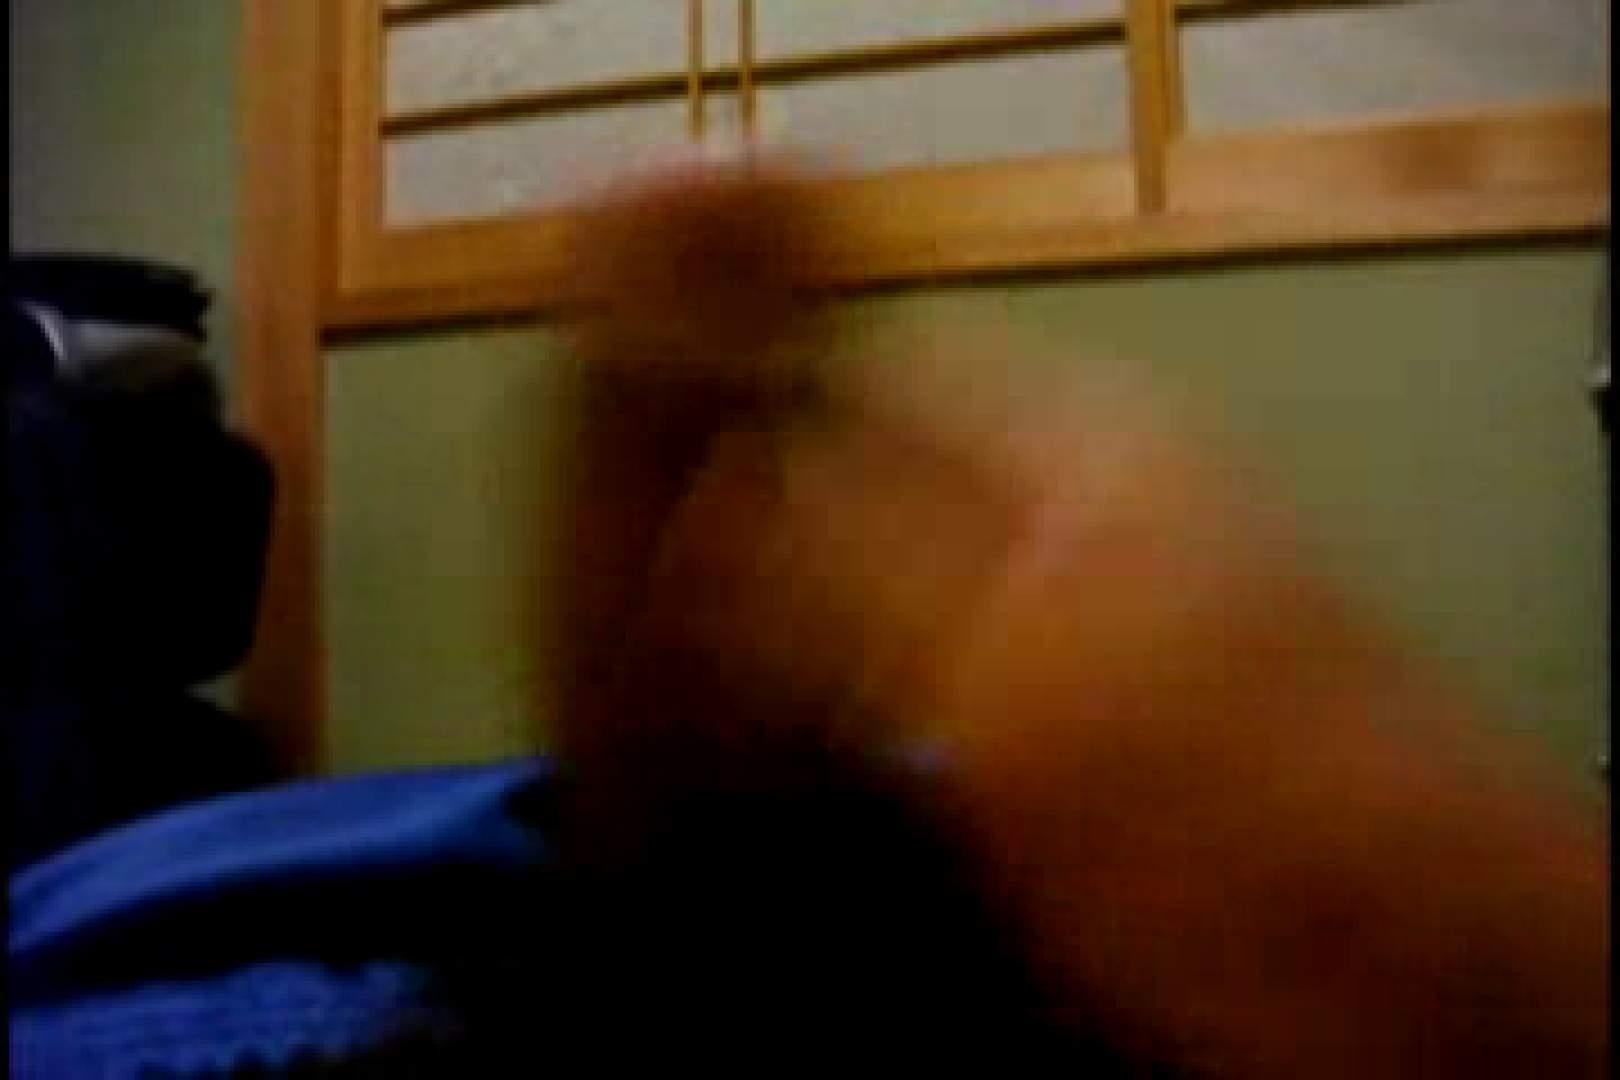 オナ好きノンケテニス部員の自画撮り投稿vol.02 射精 ゲイ無修正動画画像 102枚 48